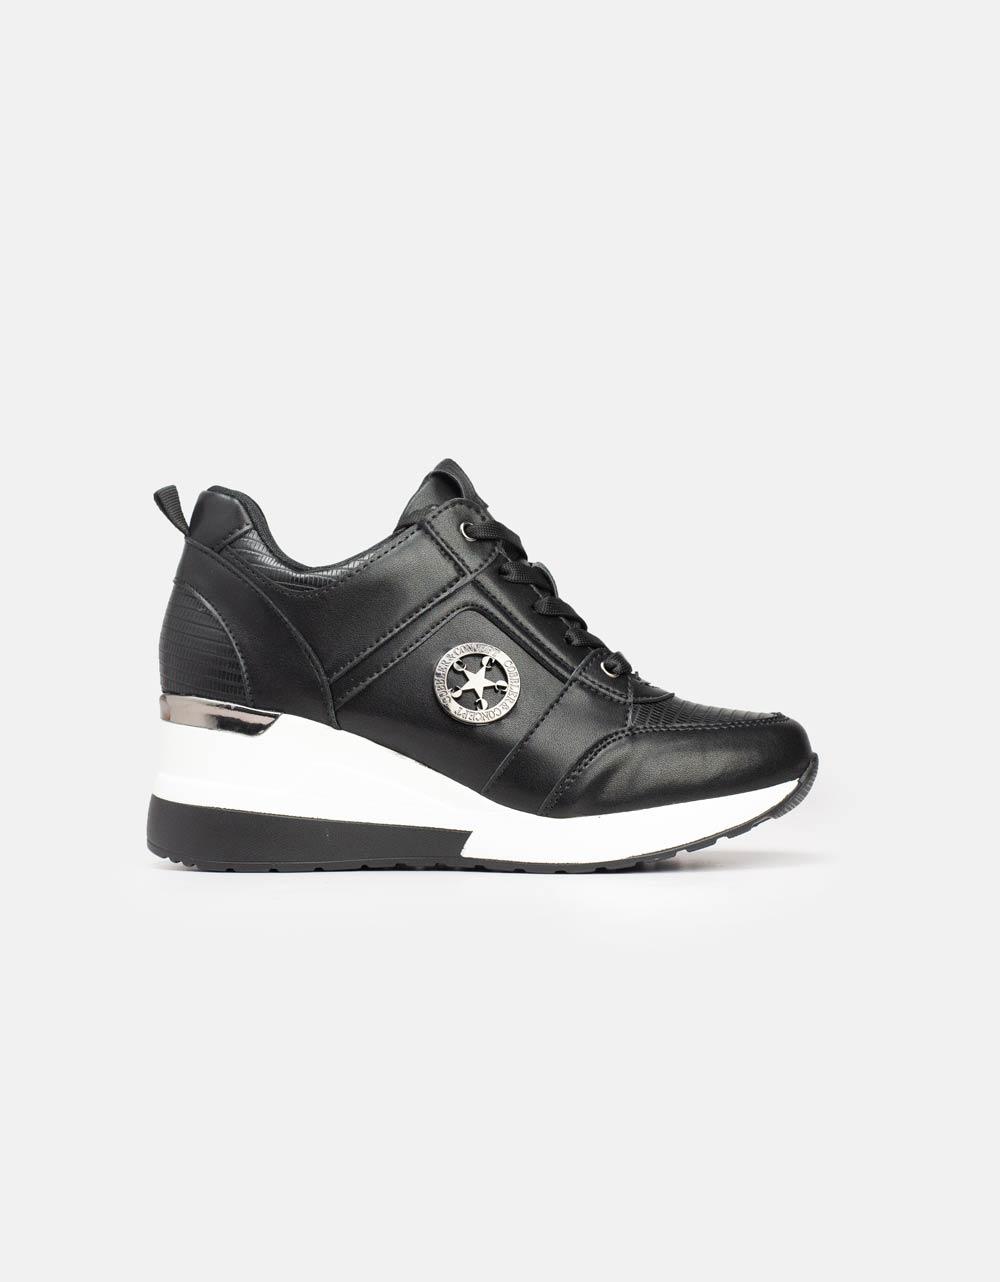 Εικόνα από Γυναικεία sneakers με εσωτερικό τακούνι Μαύρο